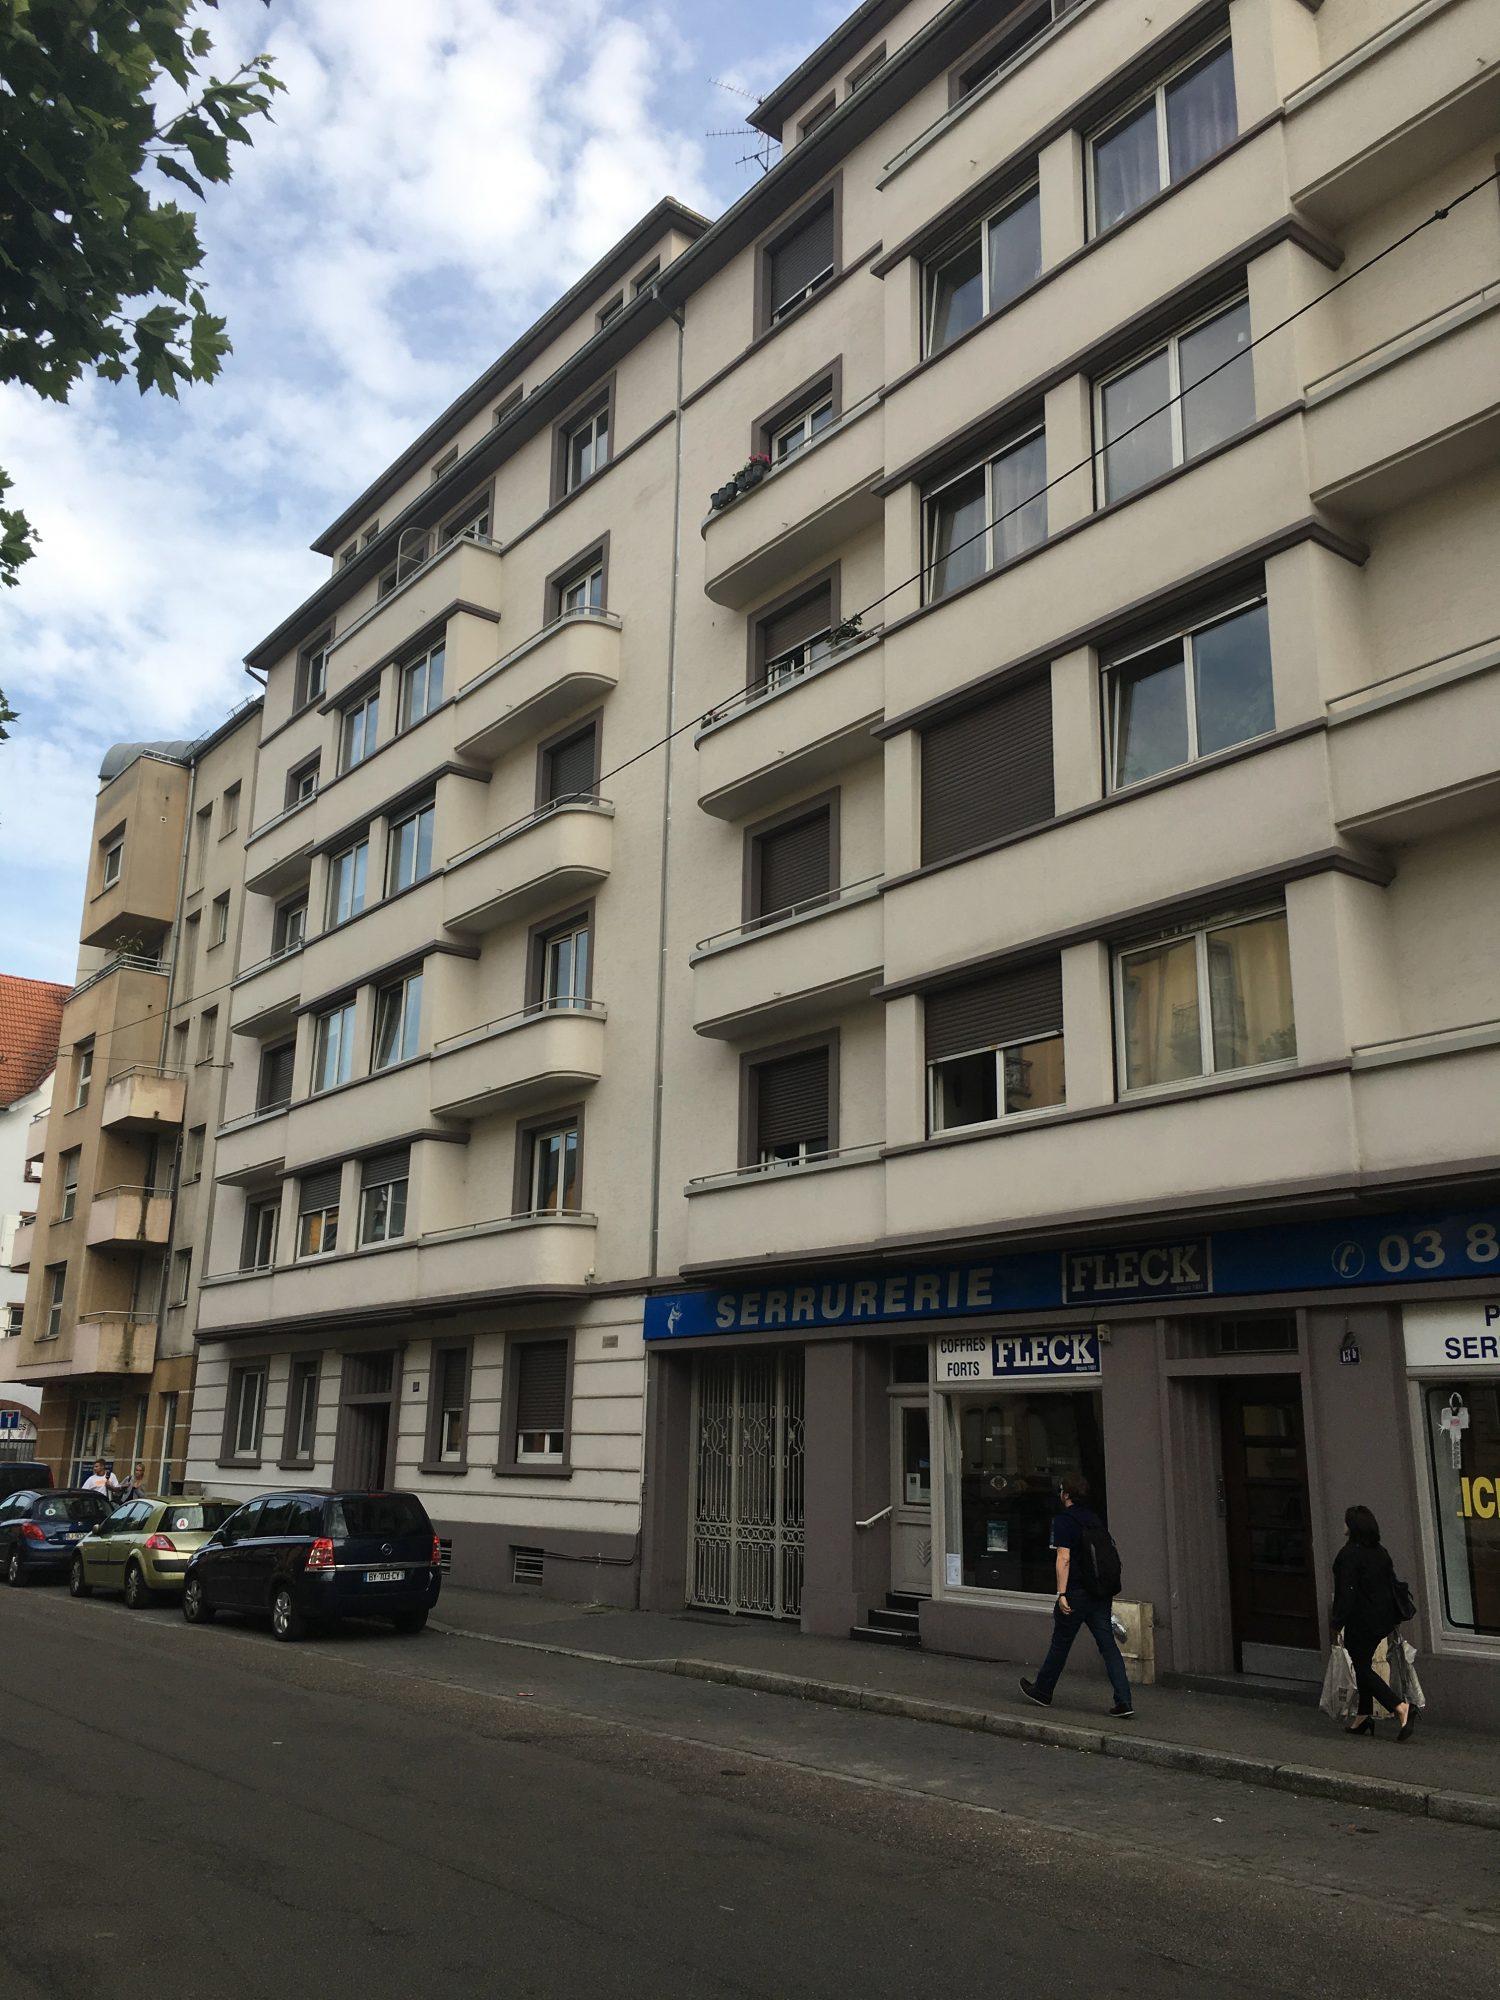 3 pièces proche de la Faculté de Médecine et de la Gare SNCF - Devenez locataire en toute sérénité - Bintz Immobilier - 9